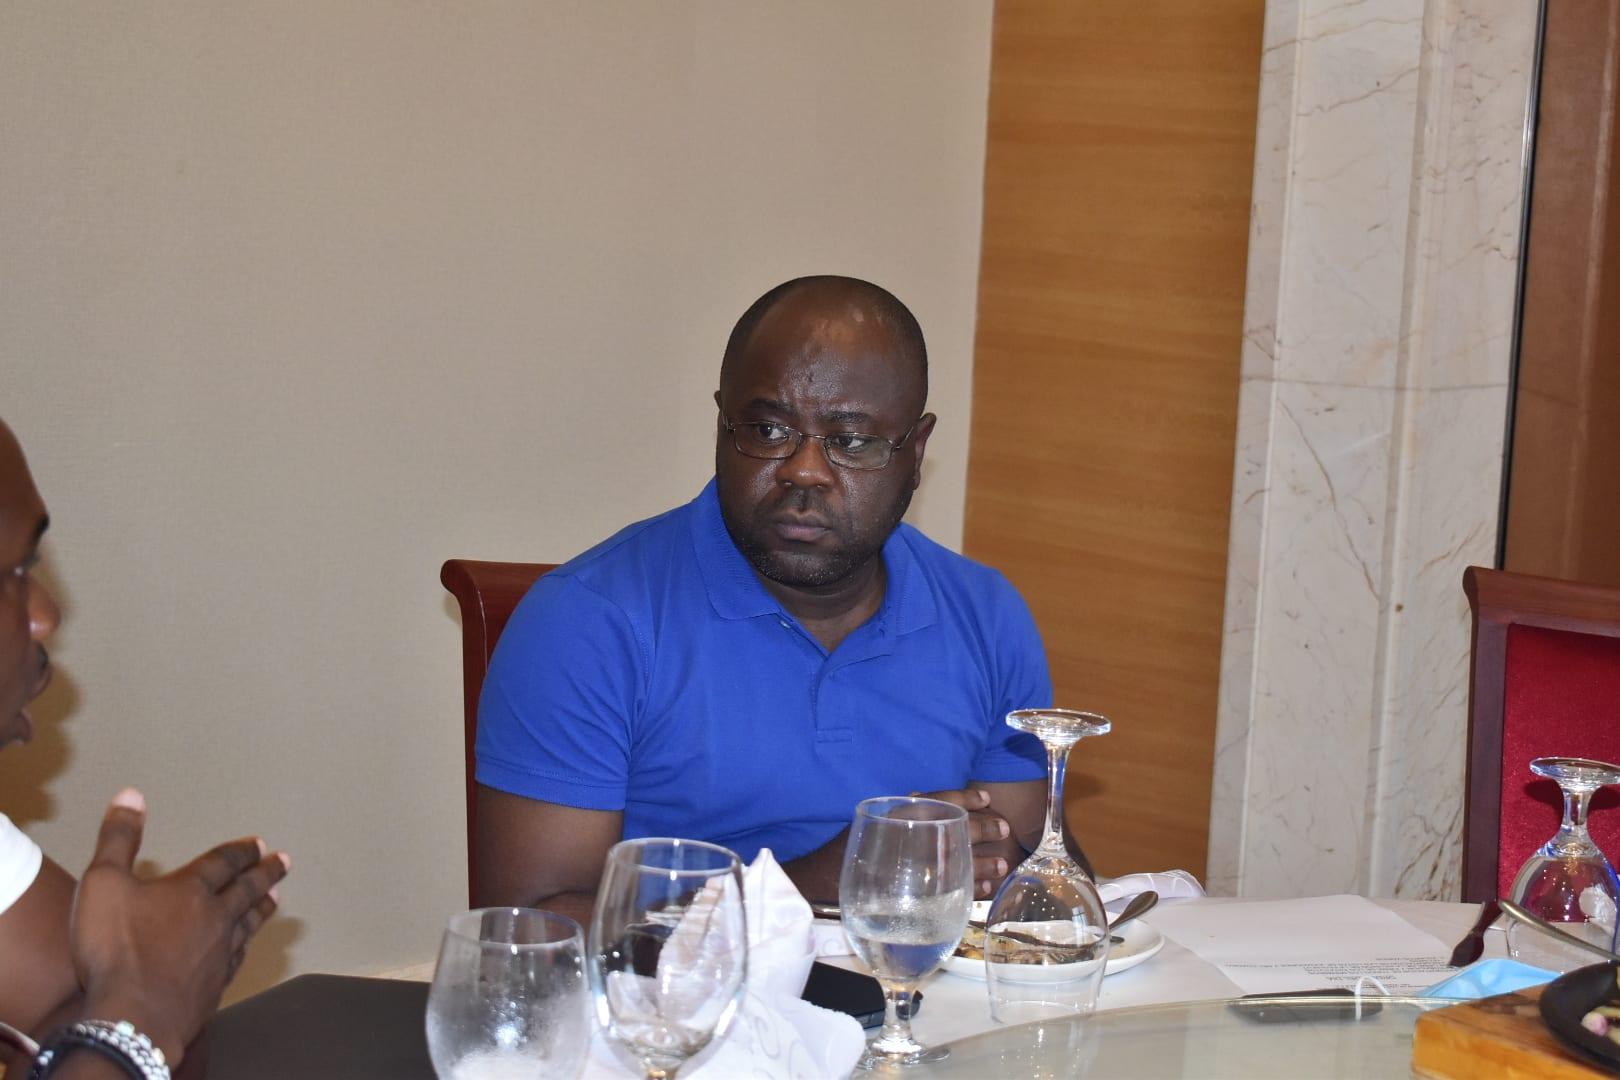 El Real Teka actualiza su Junta Directiva y elije a Jaime Mangue Abeso y a Teodoro Ganet Lopato como presidente y vicepresidente respectivamente